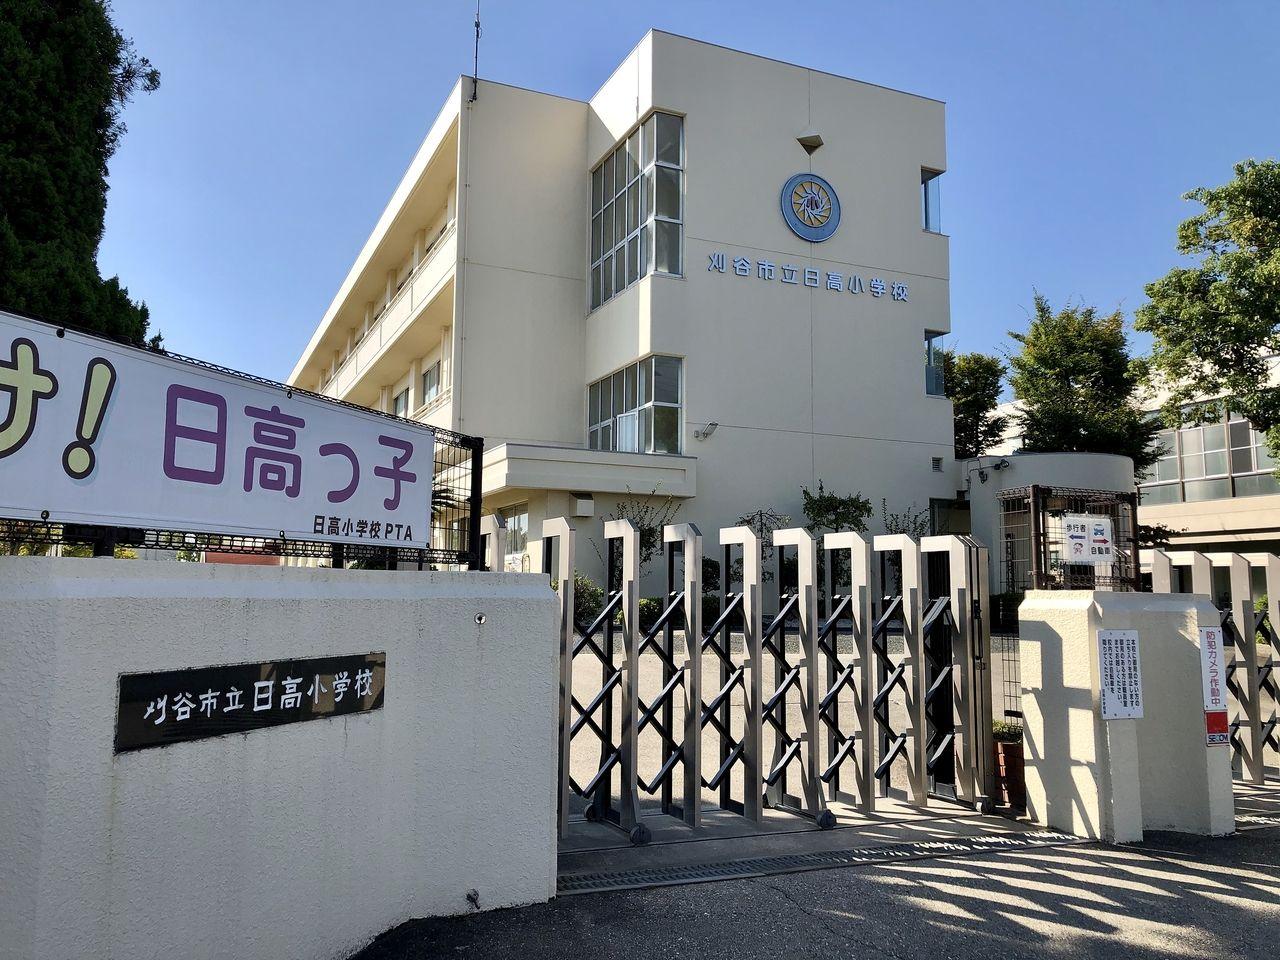 約746m 1980年(昭和55年)4月1日に刈谷市立日高小学校が開校した。刈谷市11番目の小学校である。刈谷市立刈谷東中学校の学区に含まれている。